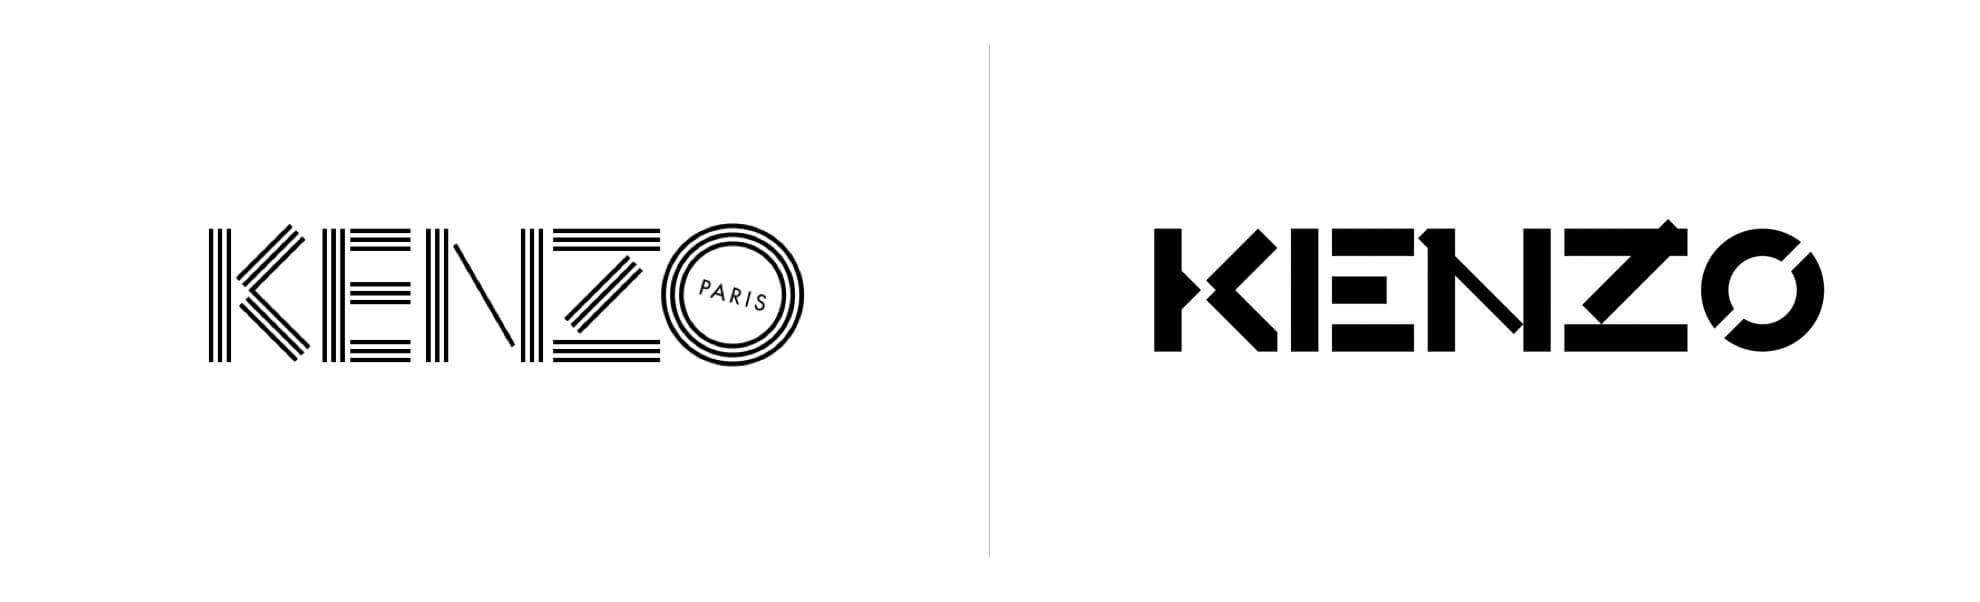 Nowe logo Kenzo